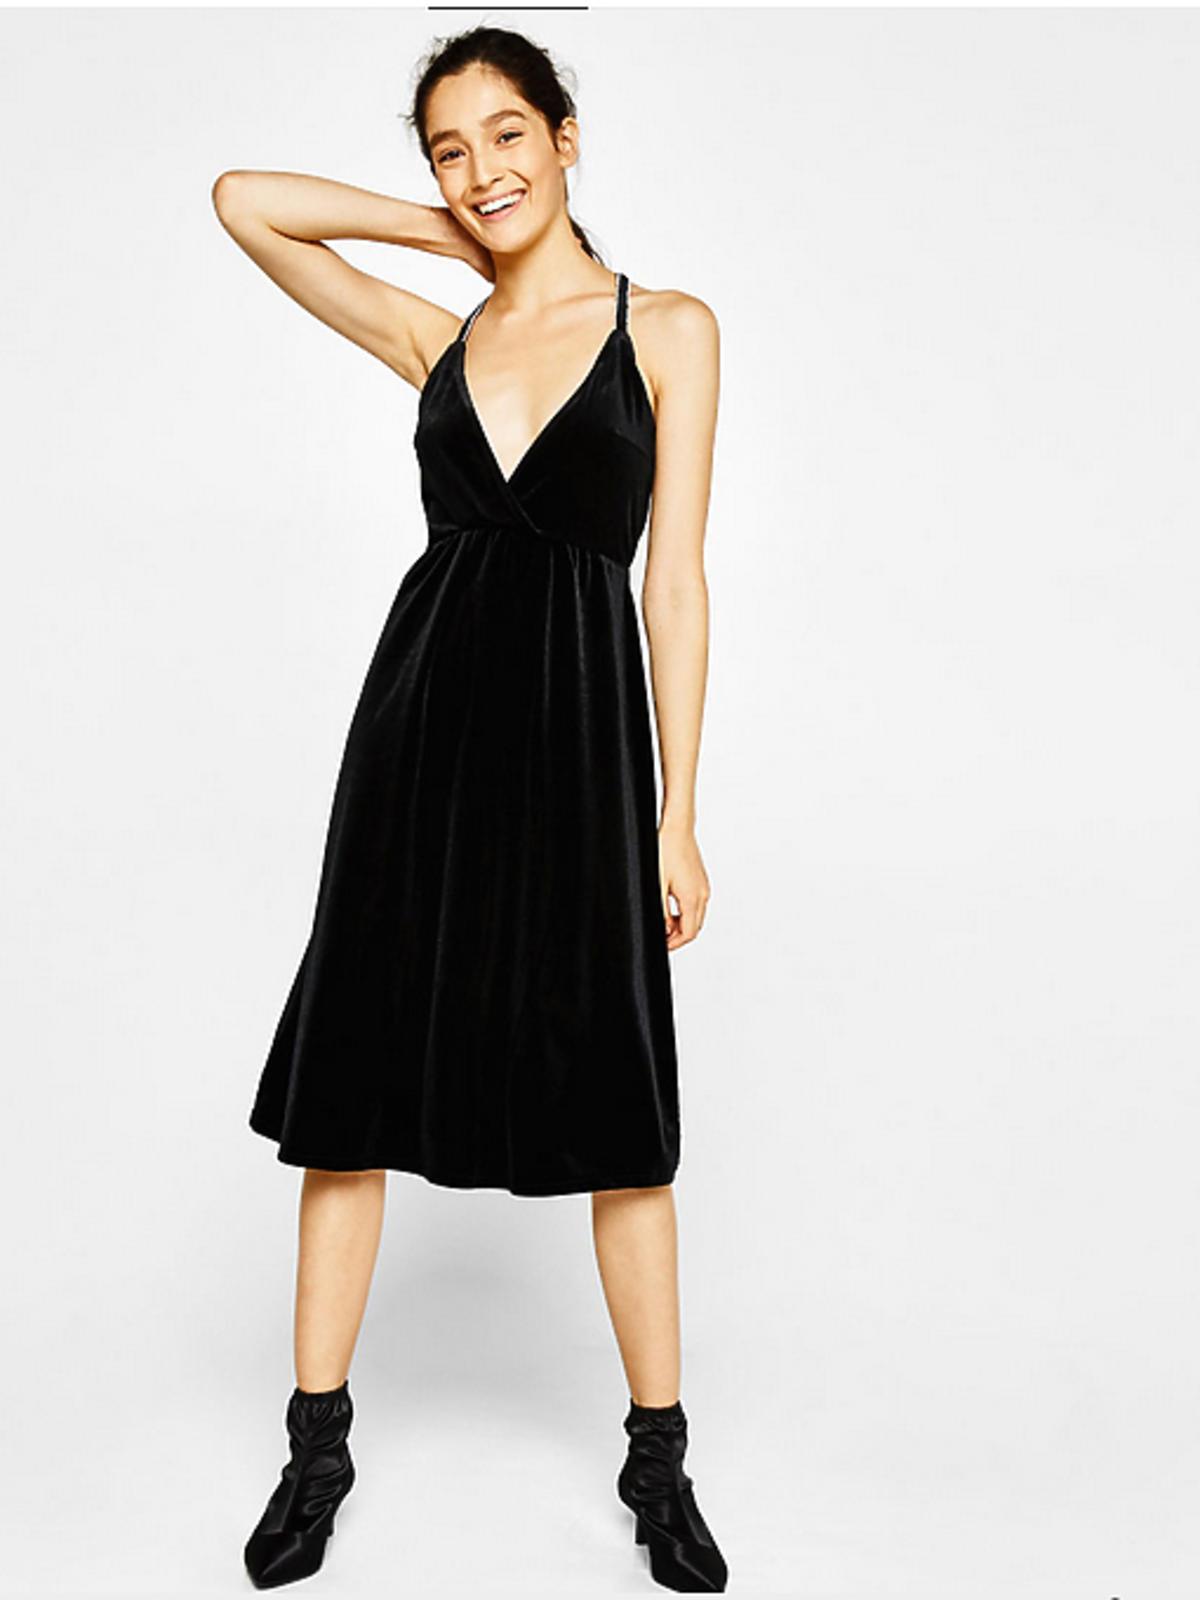 Czarna aksamitna sukienka, Berska 149 złotych